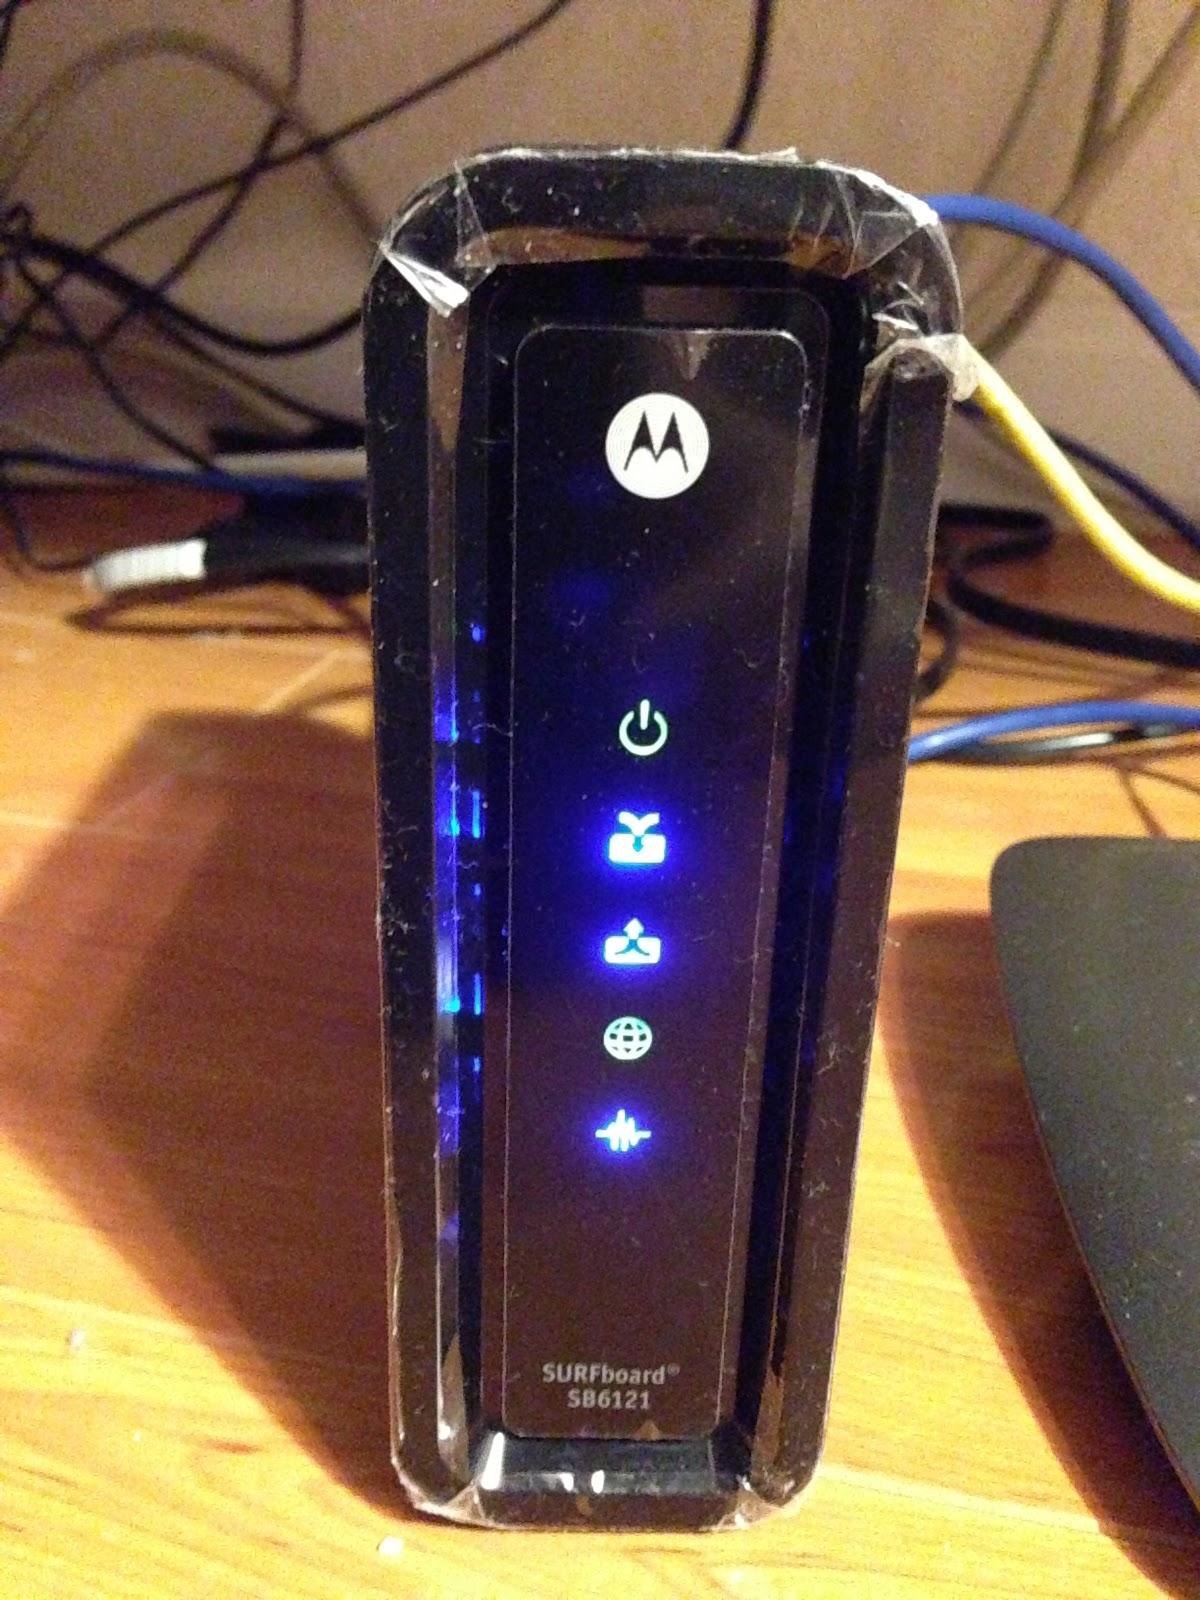 Business Class Internet: Comcast Business Class Internet Modem